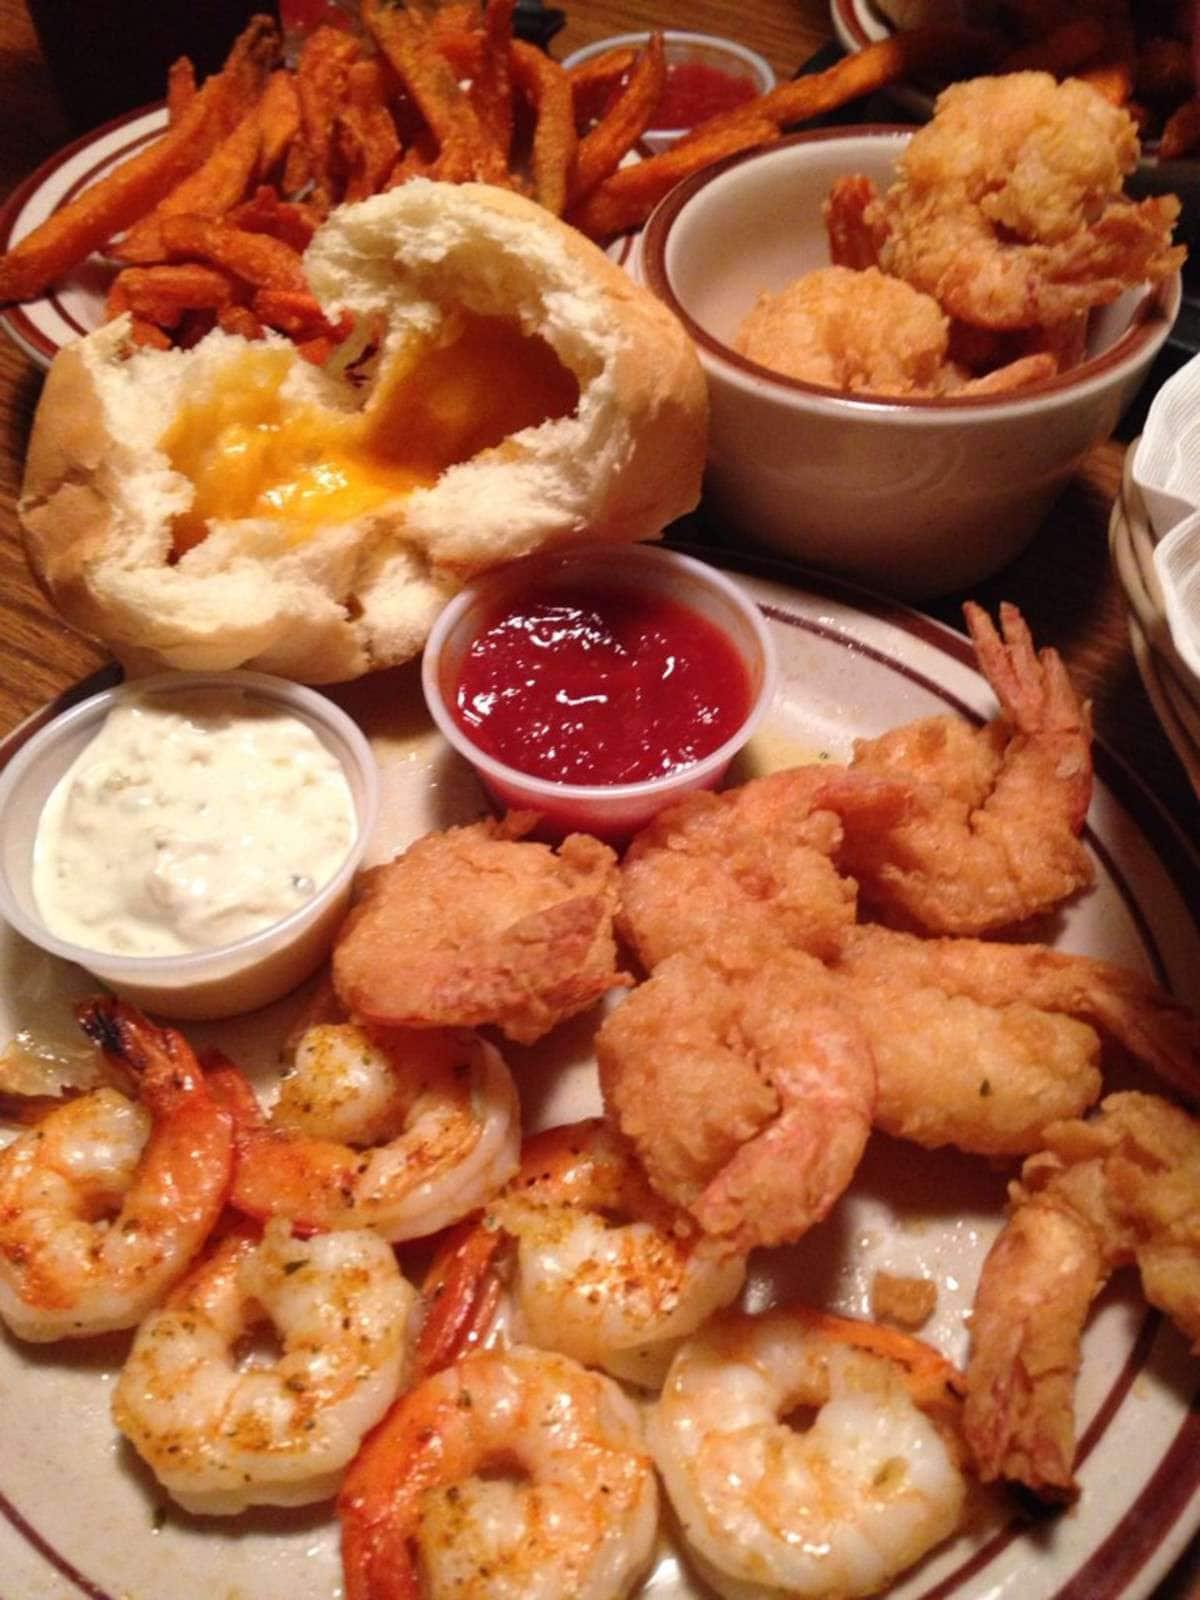 Hunt S Seafood Restaurant Oyster Bar